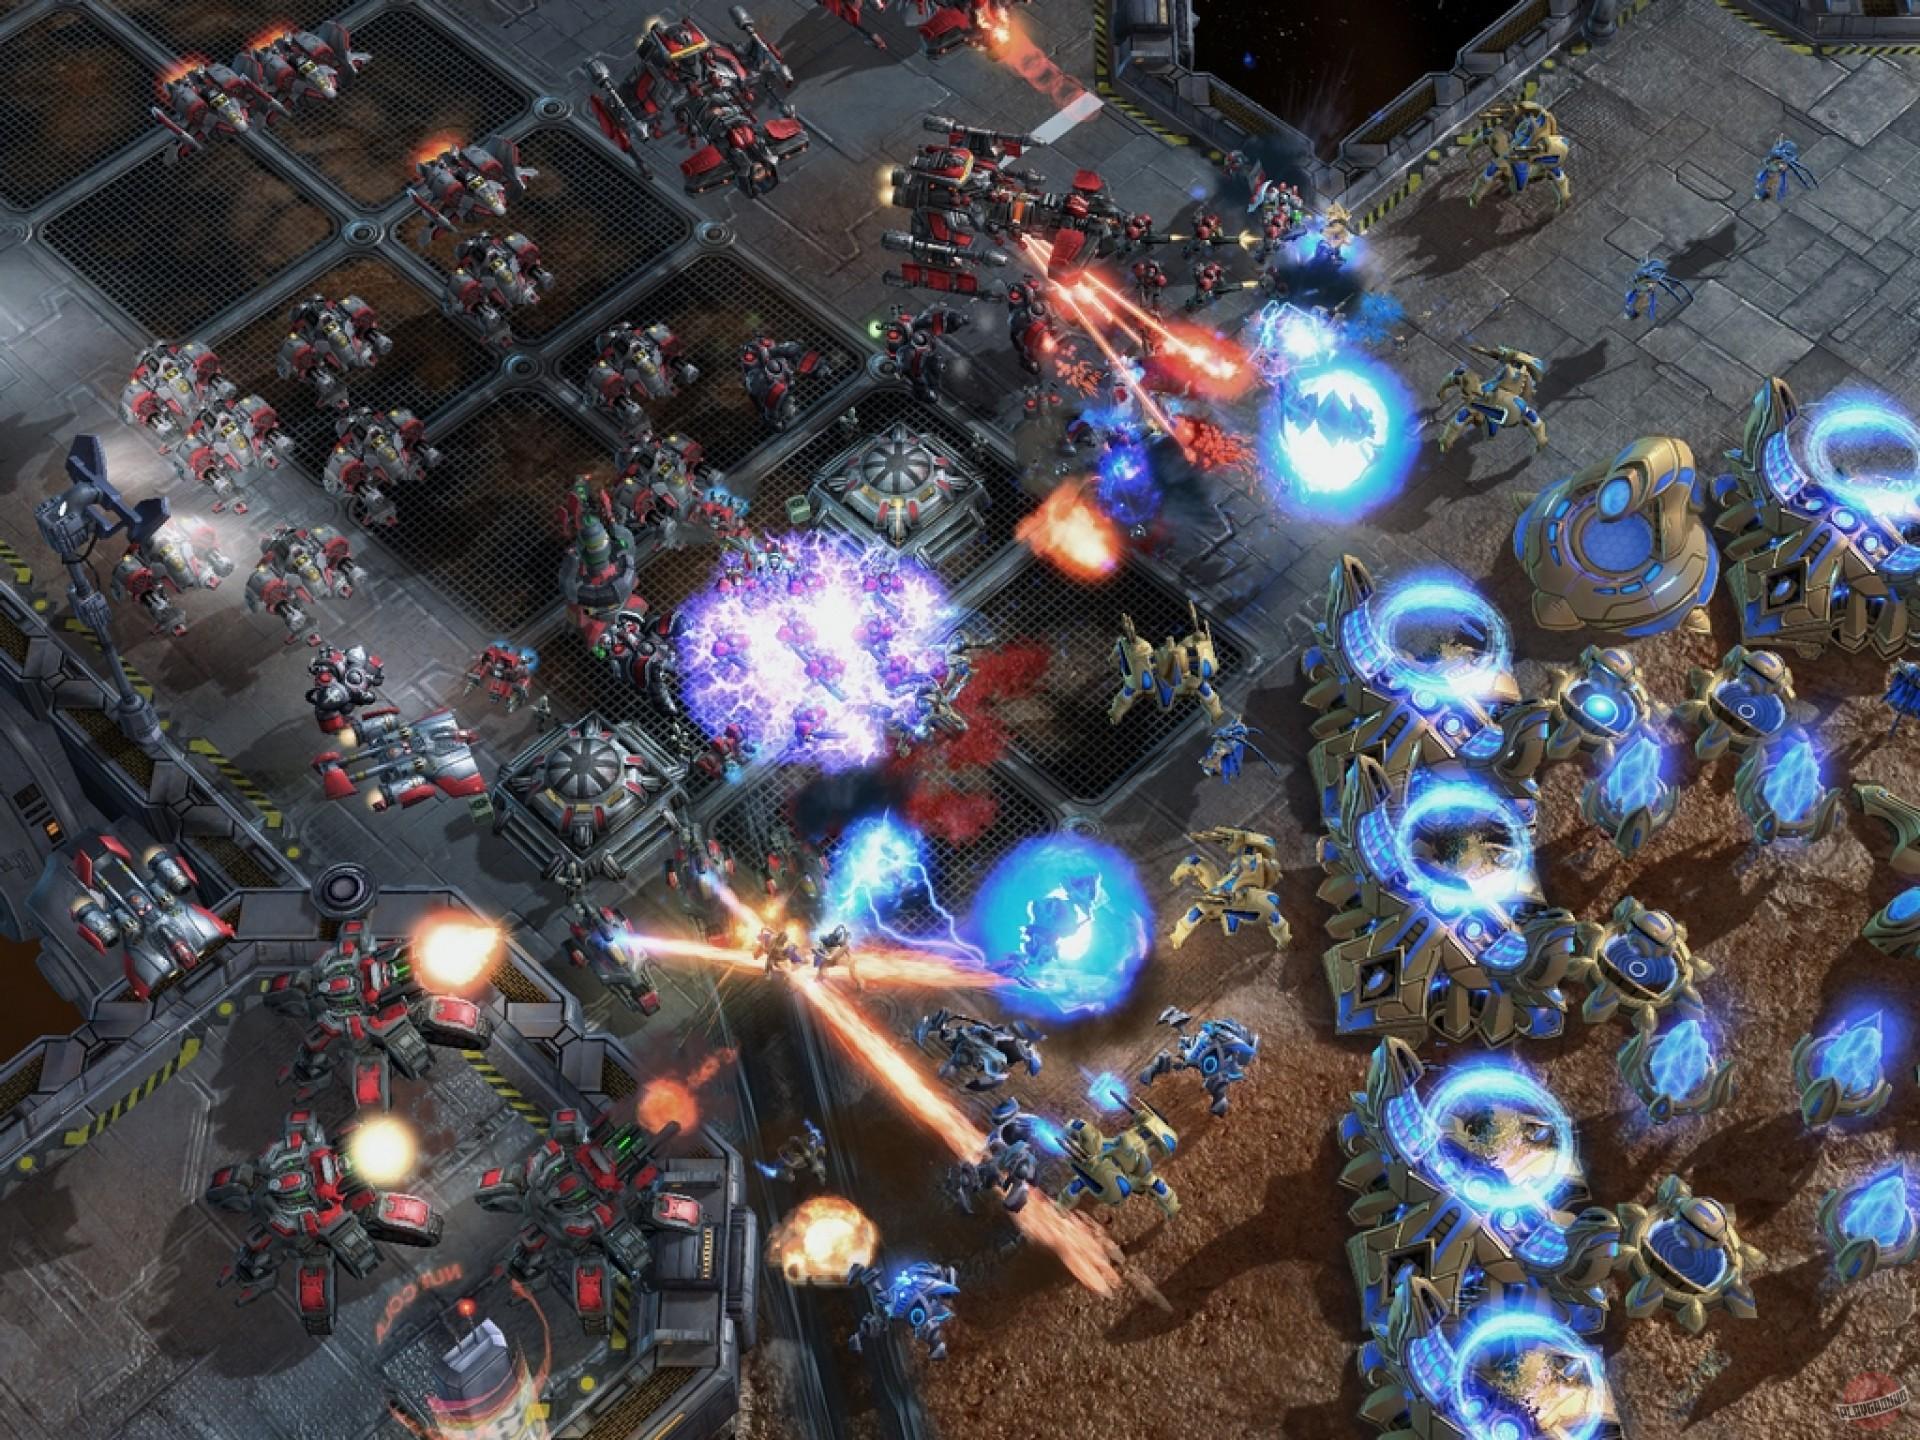 Смотреть порно картинки в игре starcraft ii 5 фотография